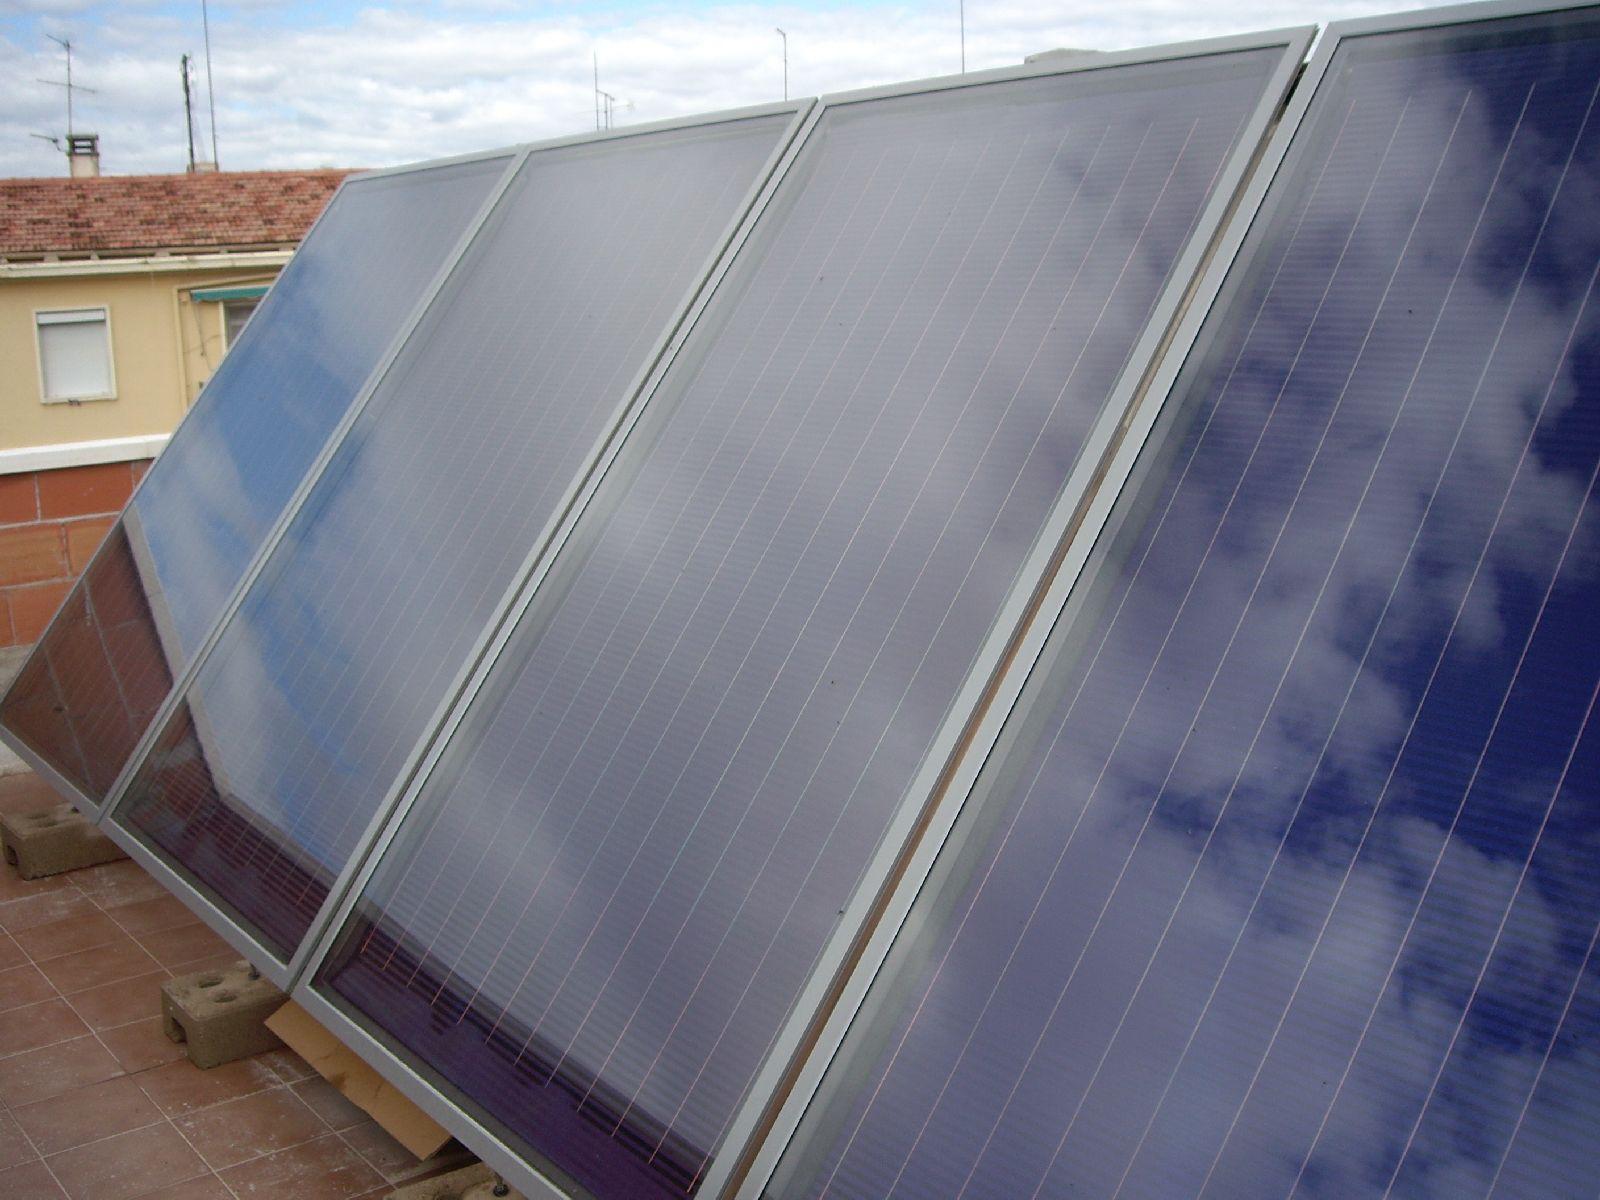 Instalacion de calefaccion solar - Calefaccion mas rentable ...